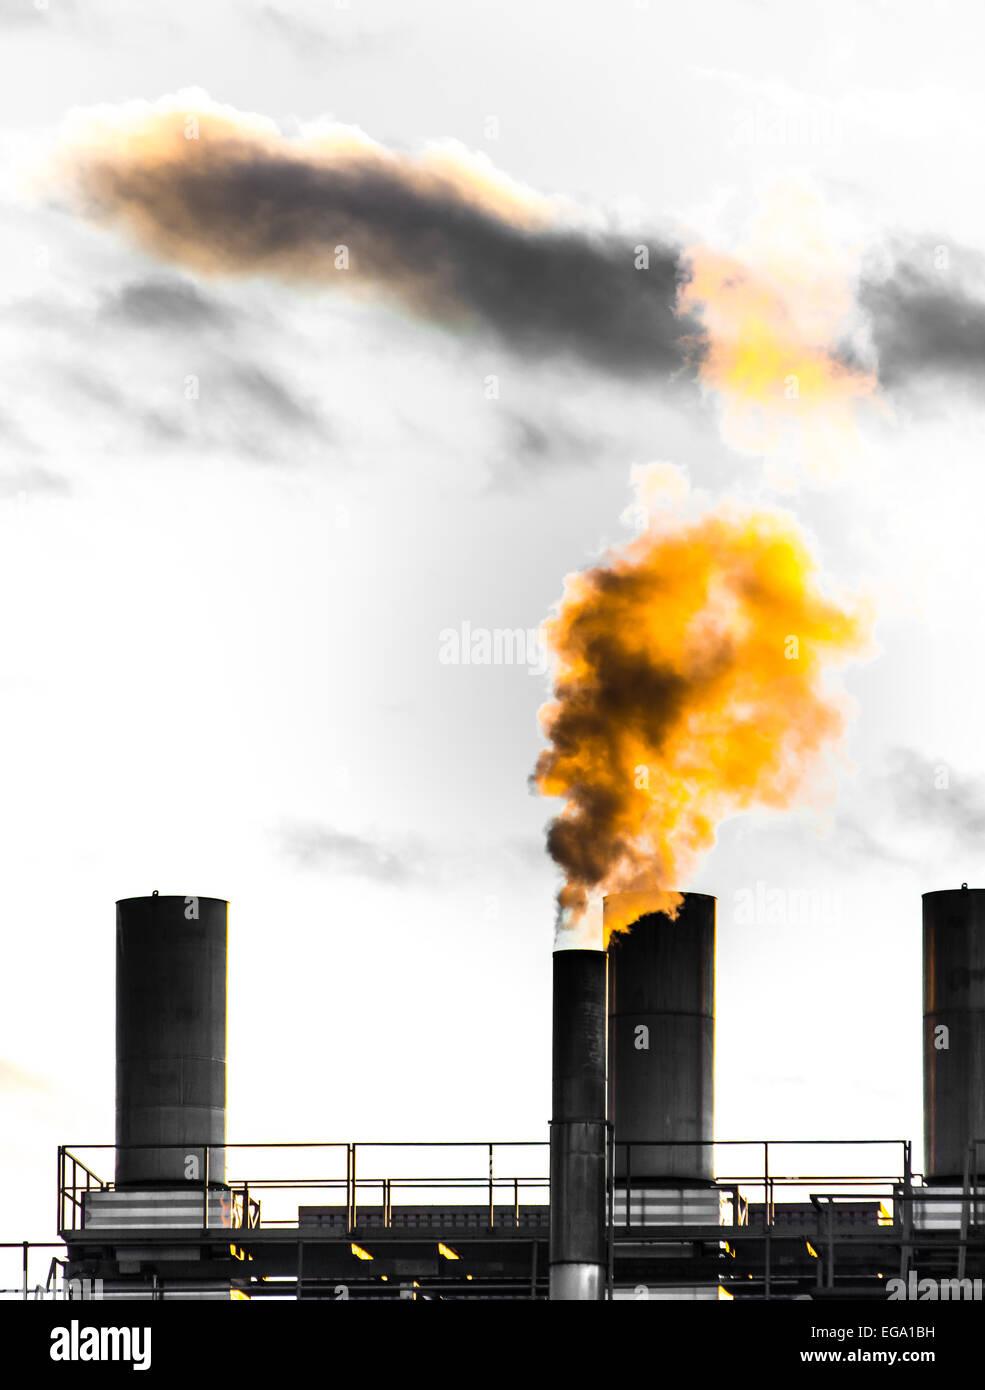 Verunreinigung der Luft durch einen Schornstein einer alten Fabrik Stockbild